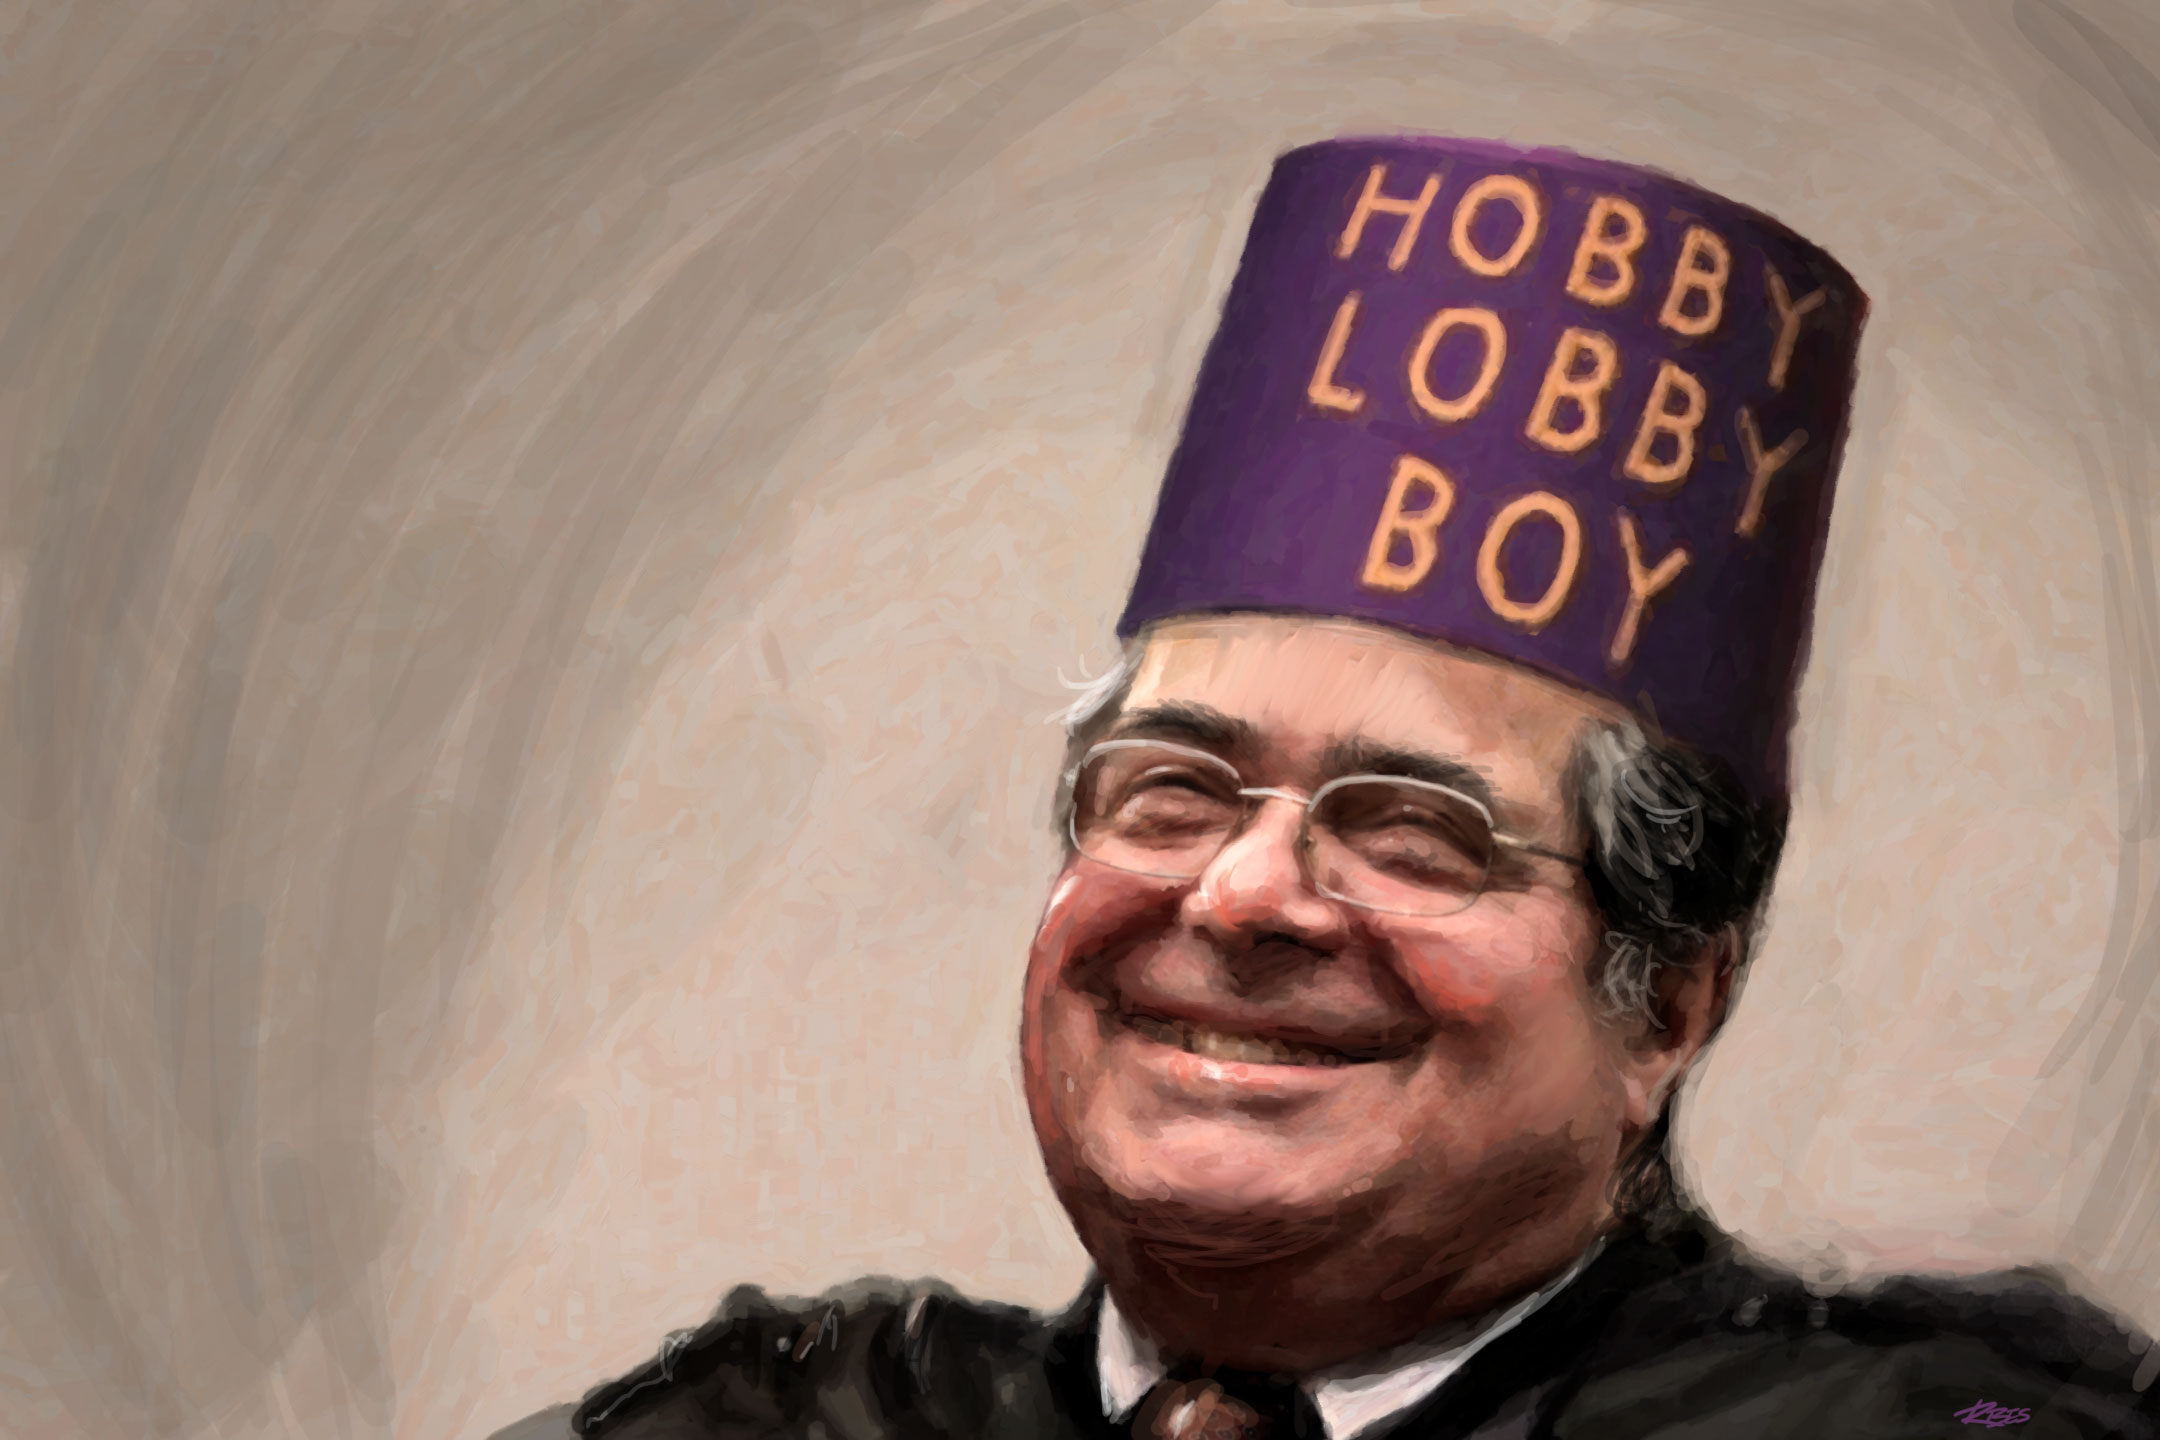 HobbyLobbyBoy2